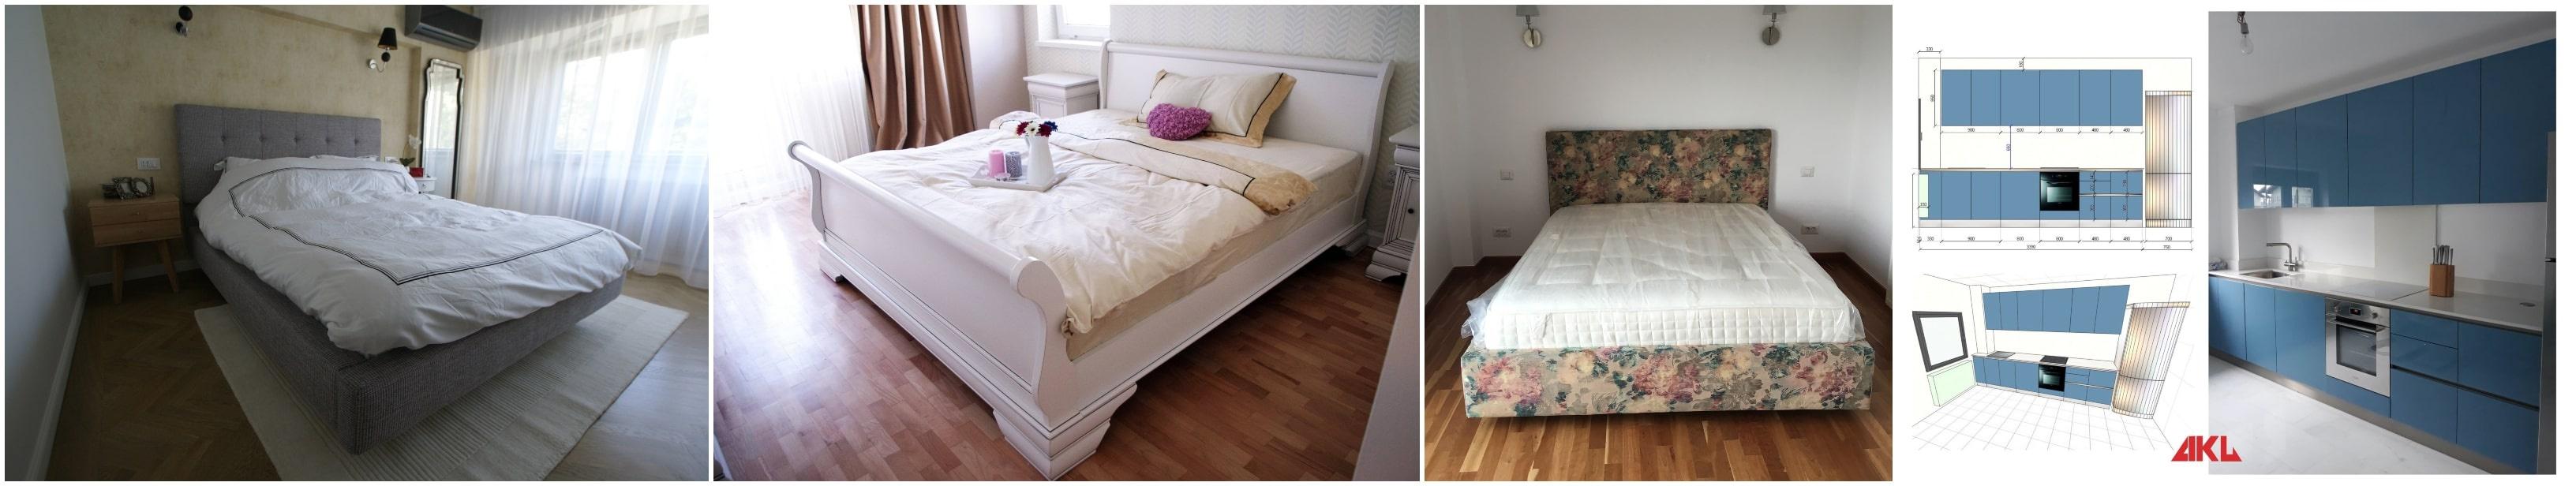 dormitoare_paturi_bucuresti_3264